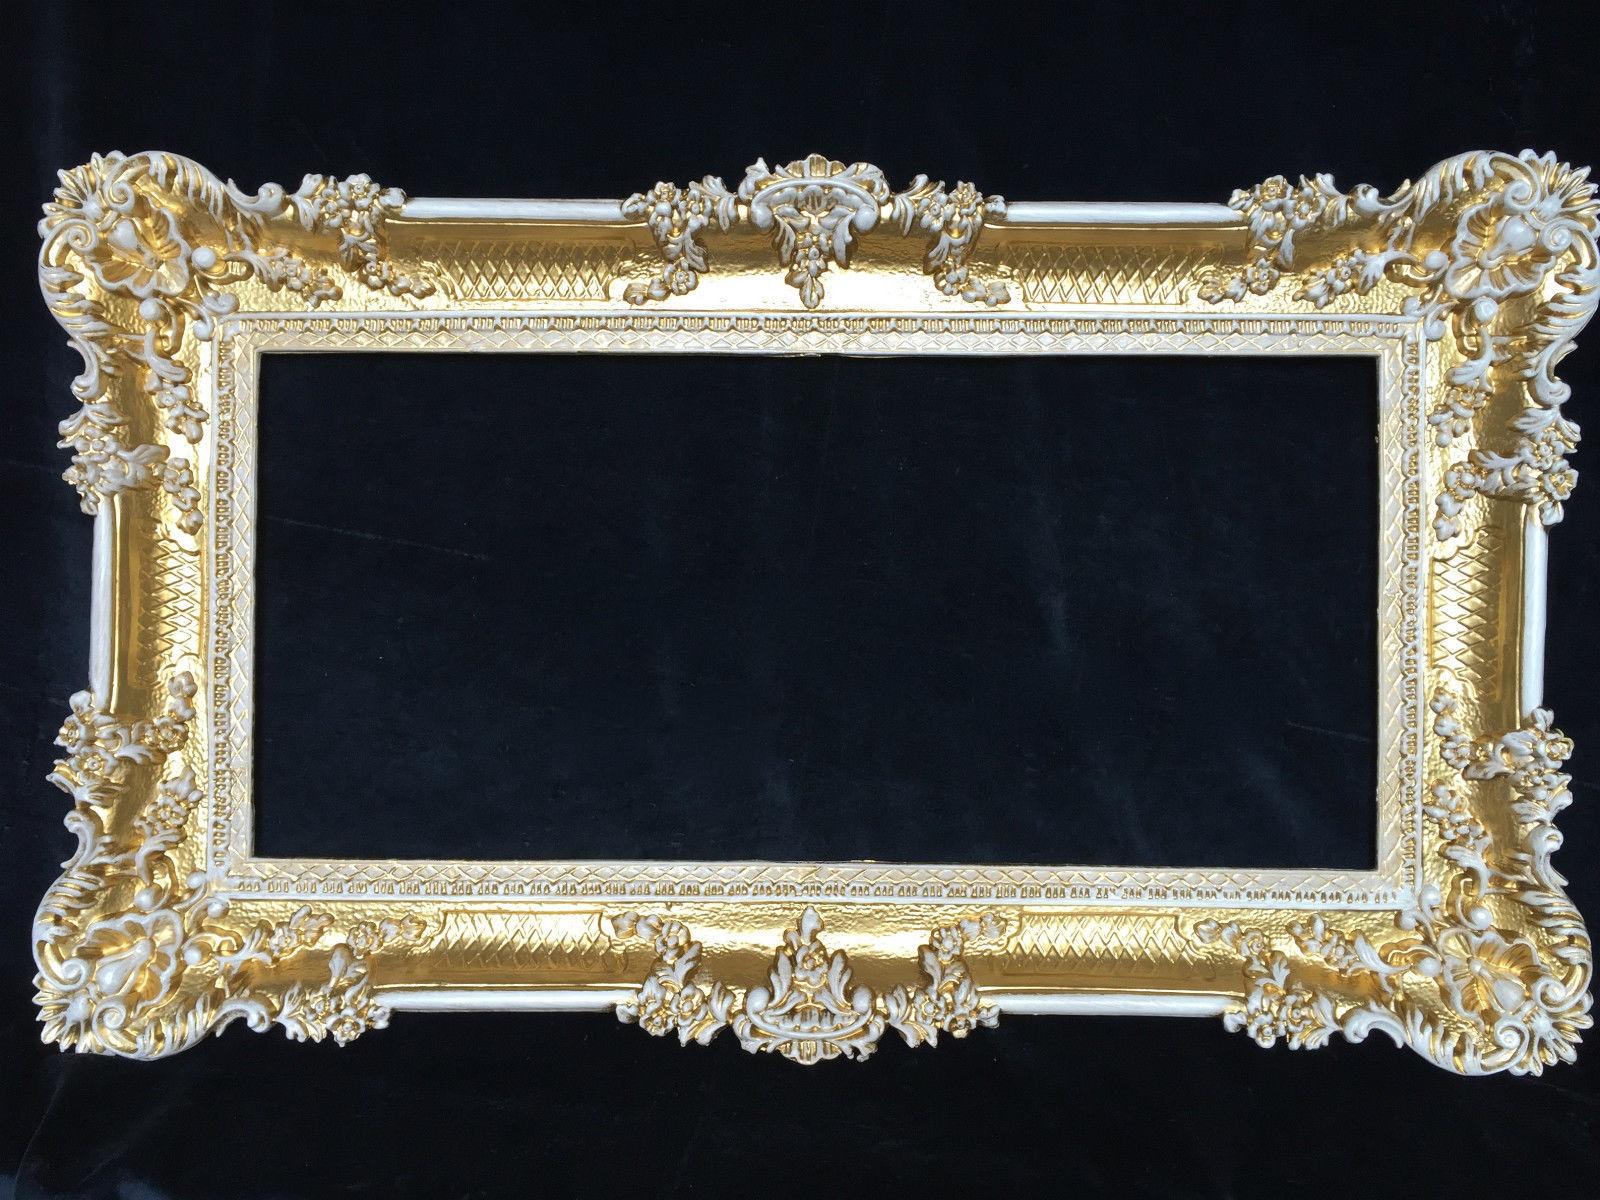 bilderrahmen antik gold wei hochzeitsrahmen barock 96x57 bilderrahmen gro xxl kaufen bei. Black Bedroom Furniture Sets. Home Design Ideas